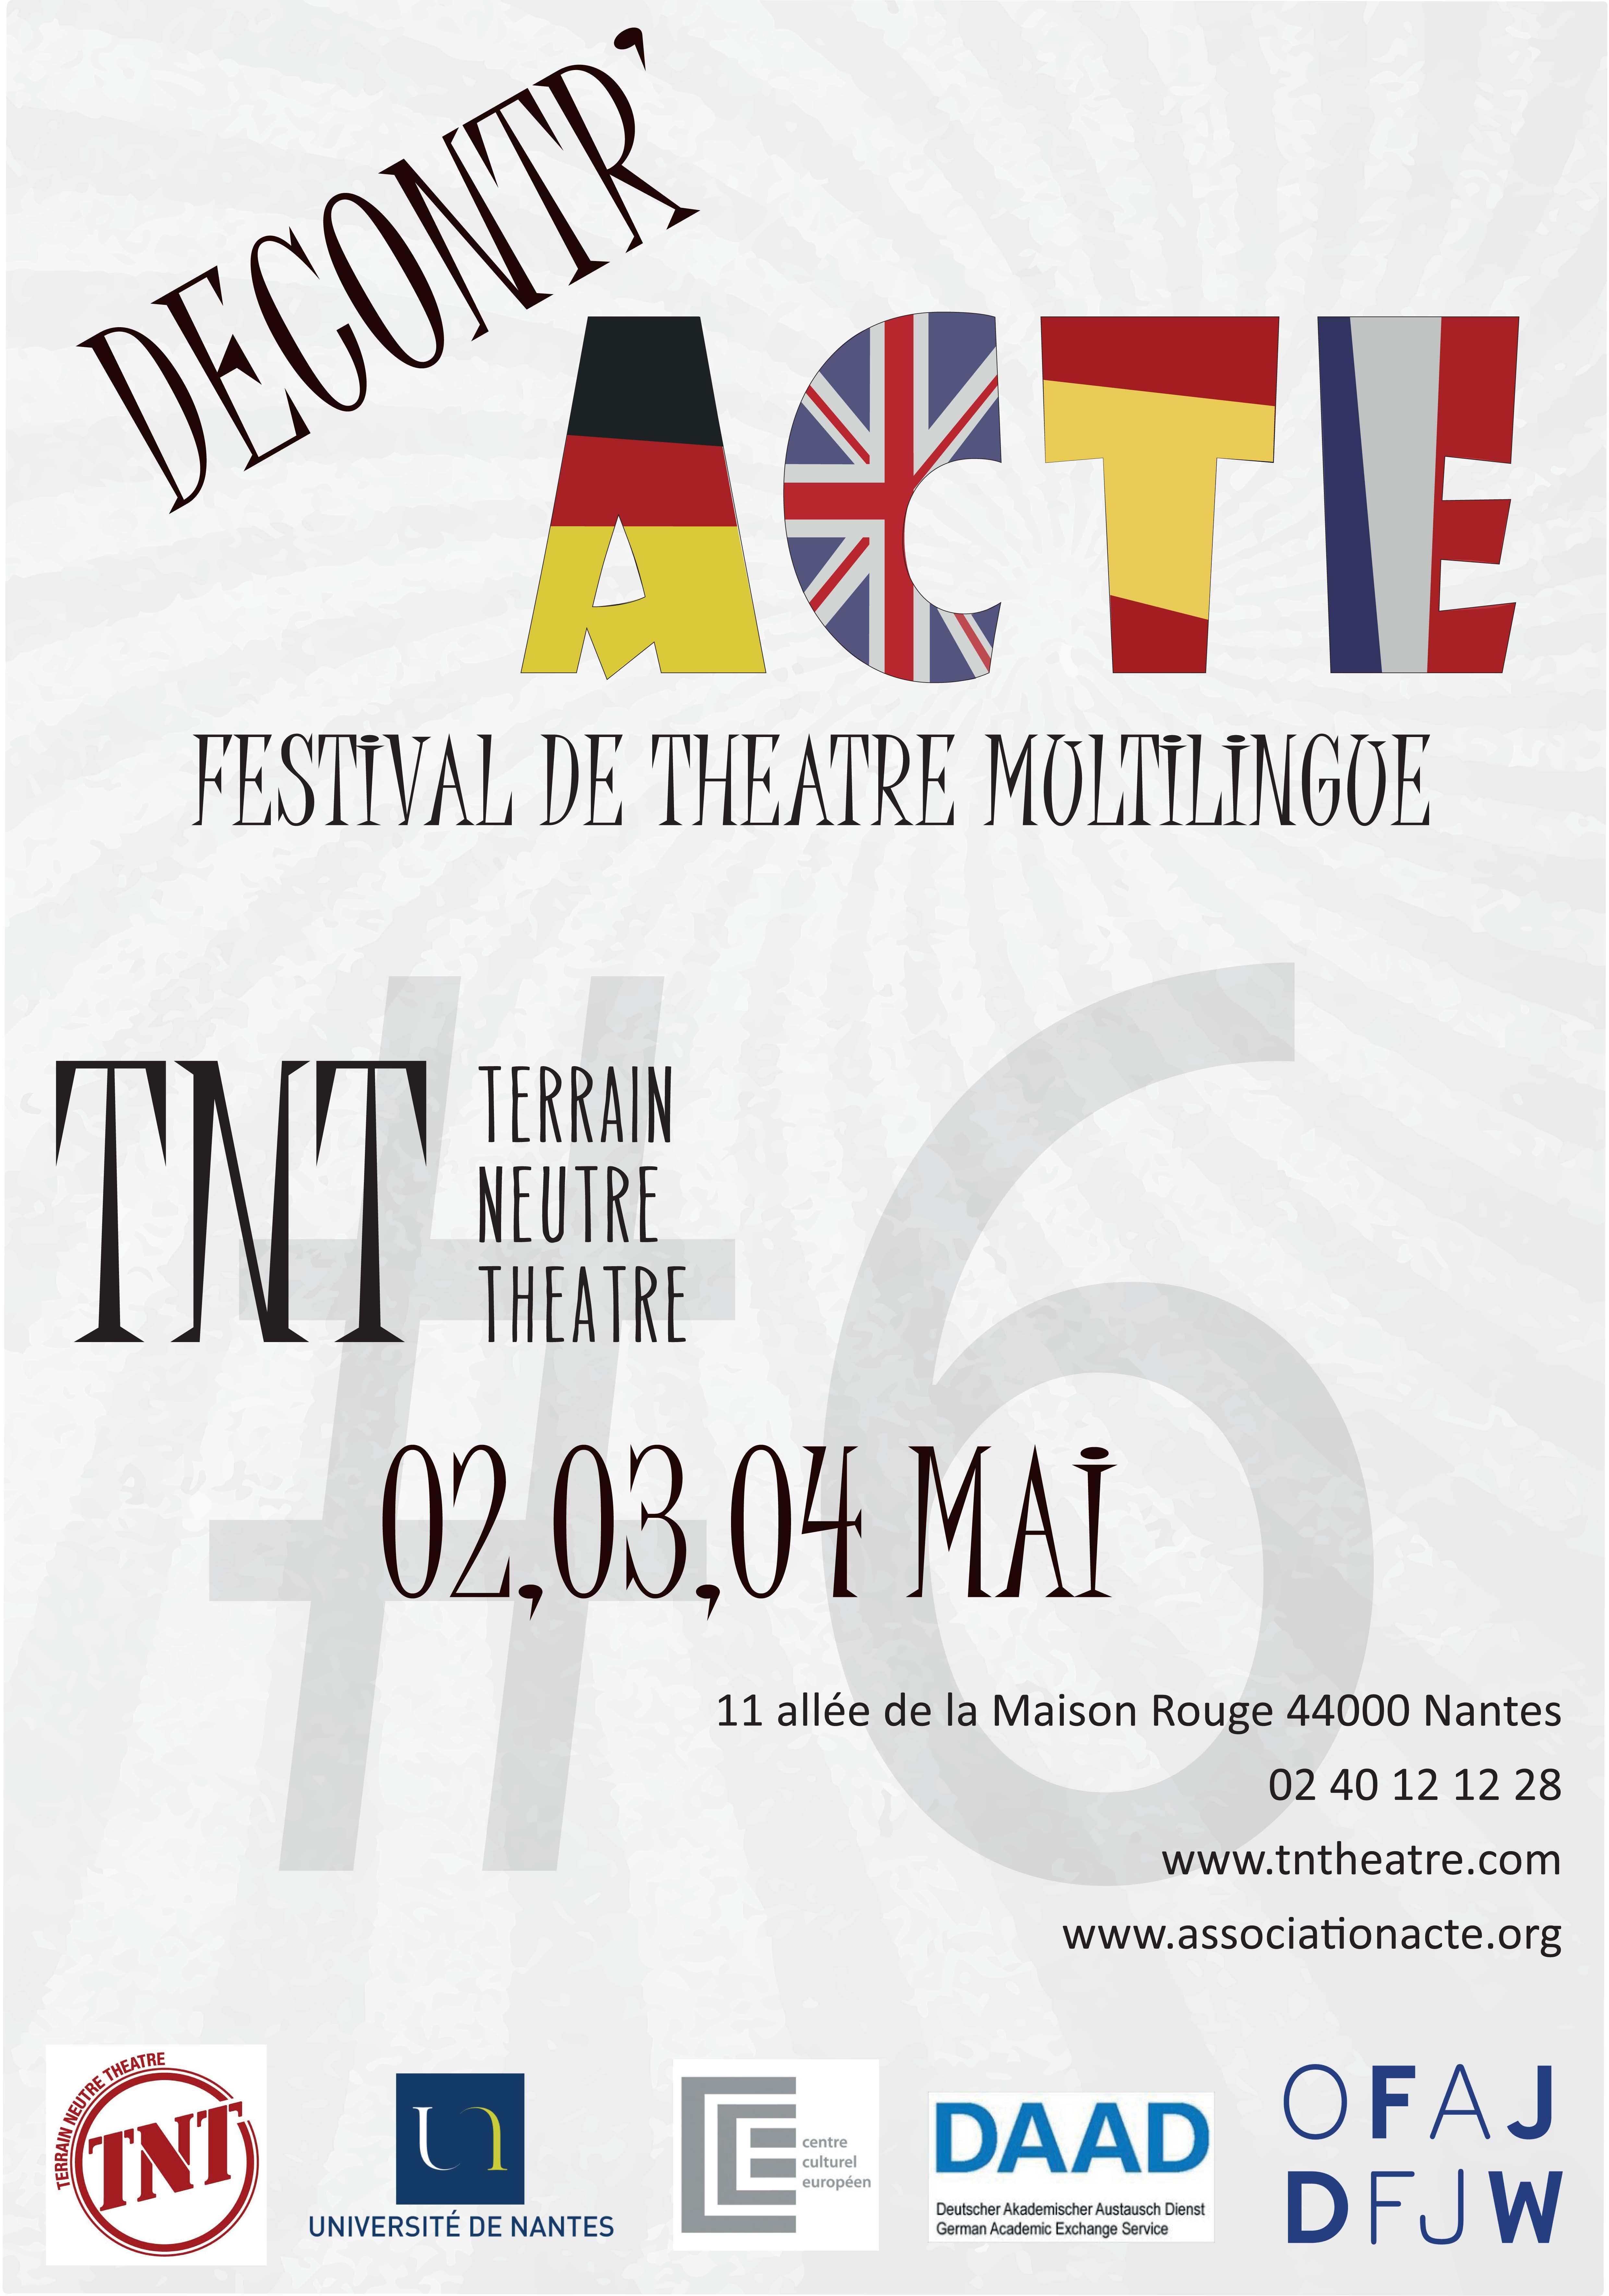 Festival décontracte 2016